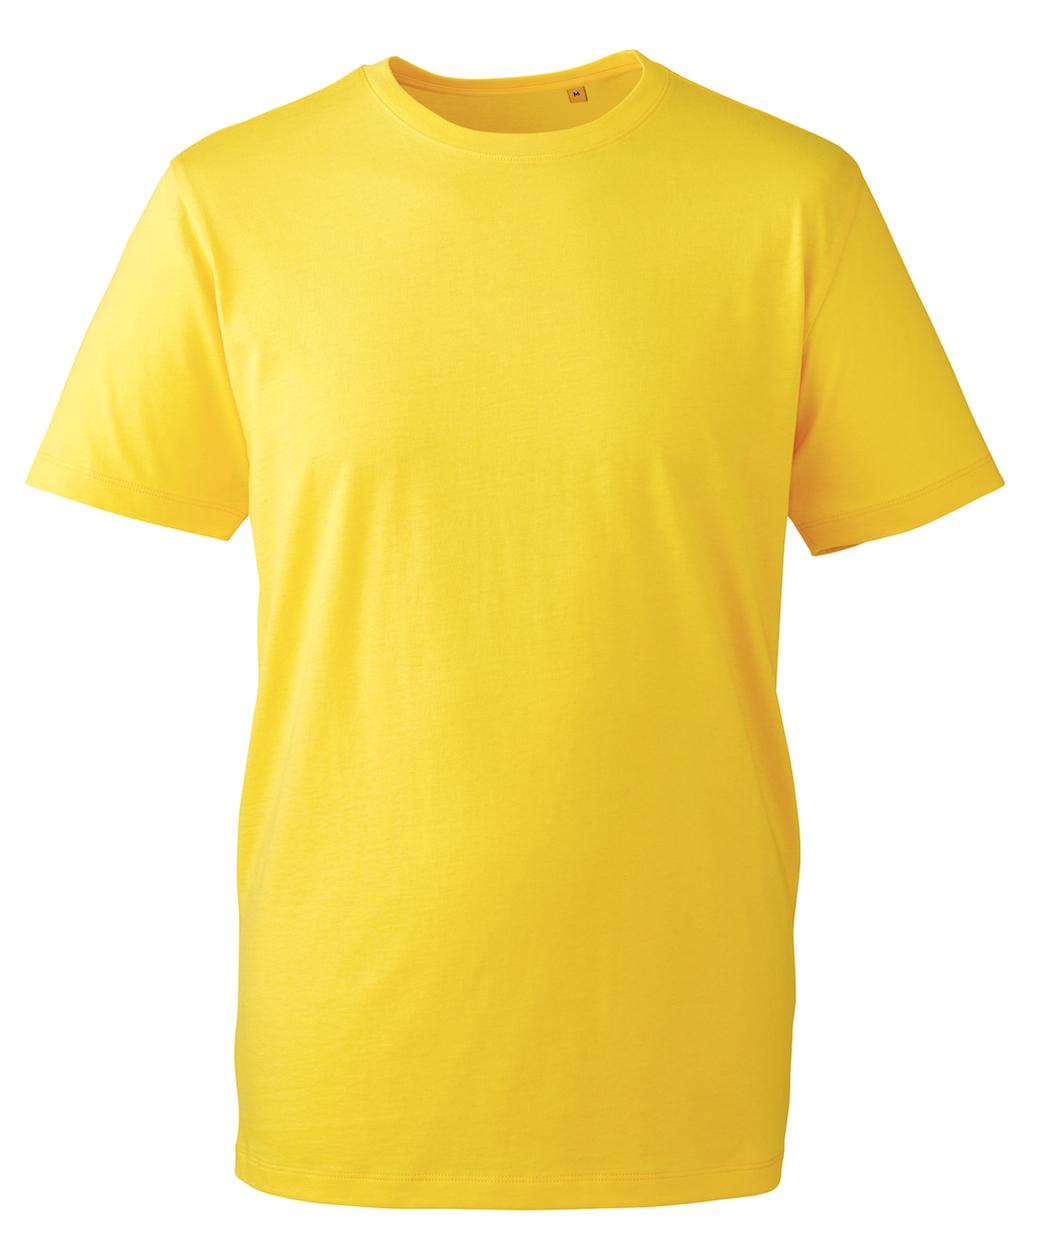 Anthem keltainen